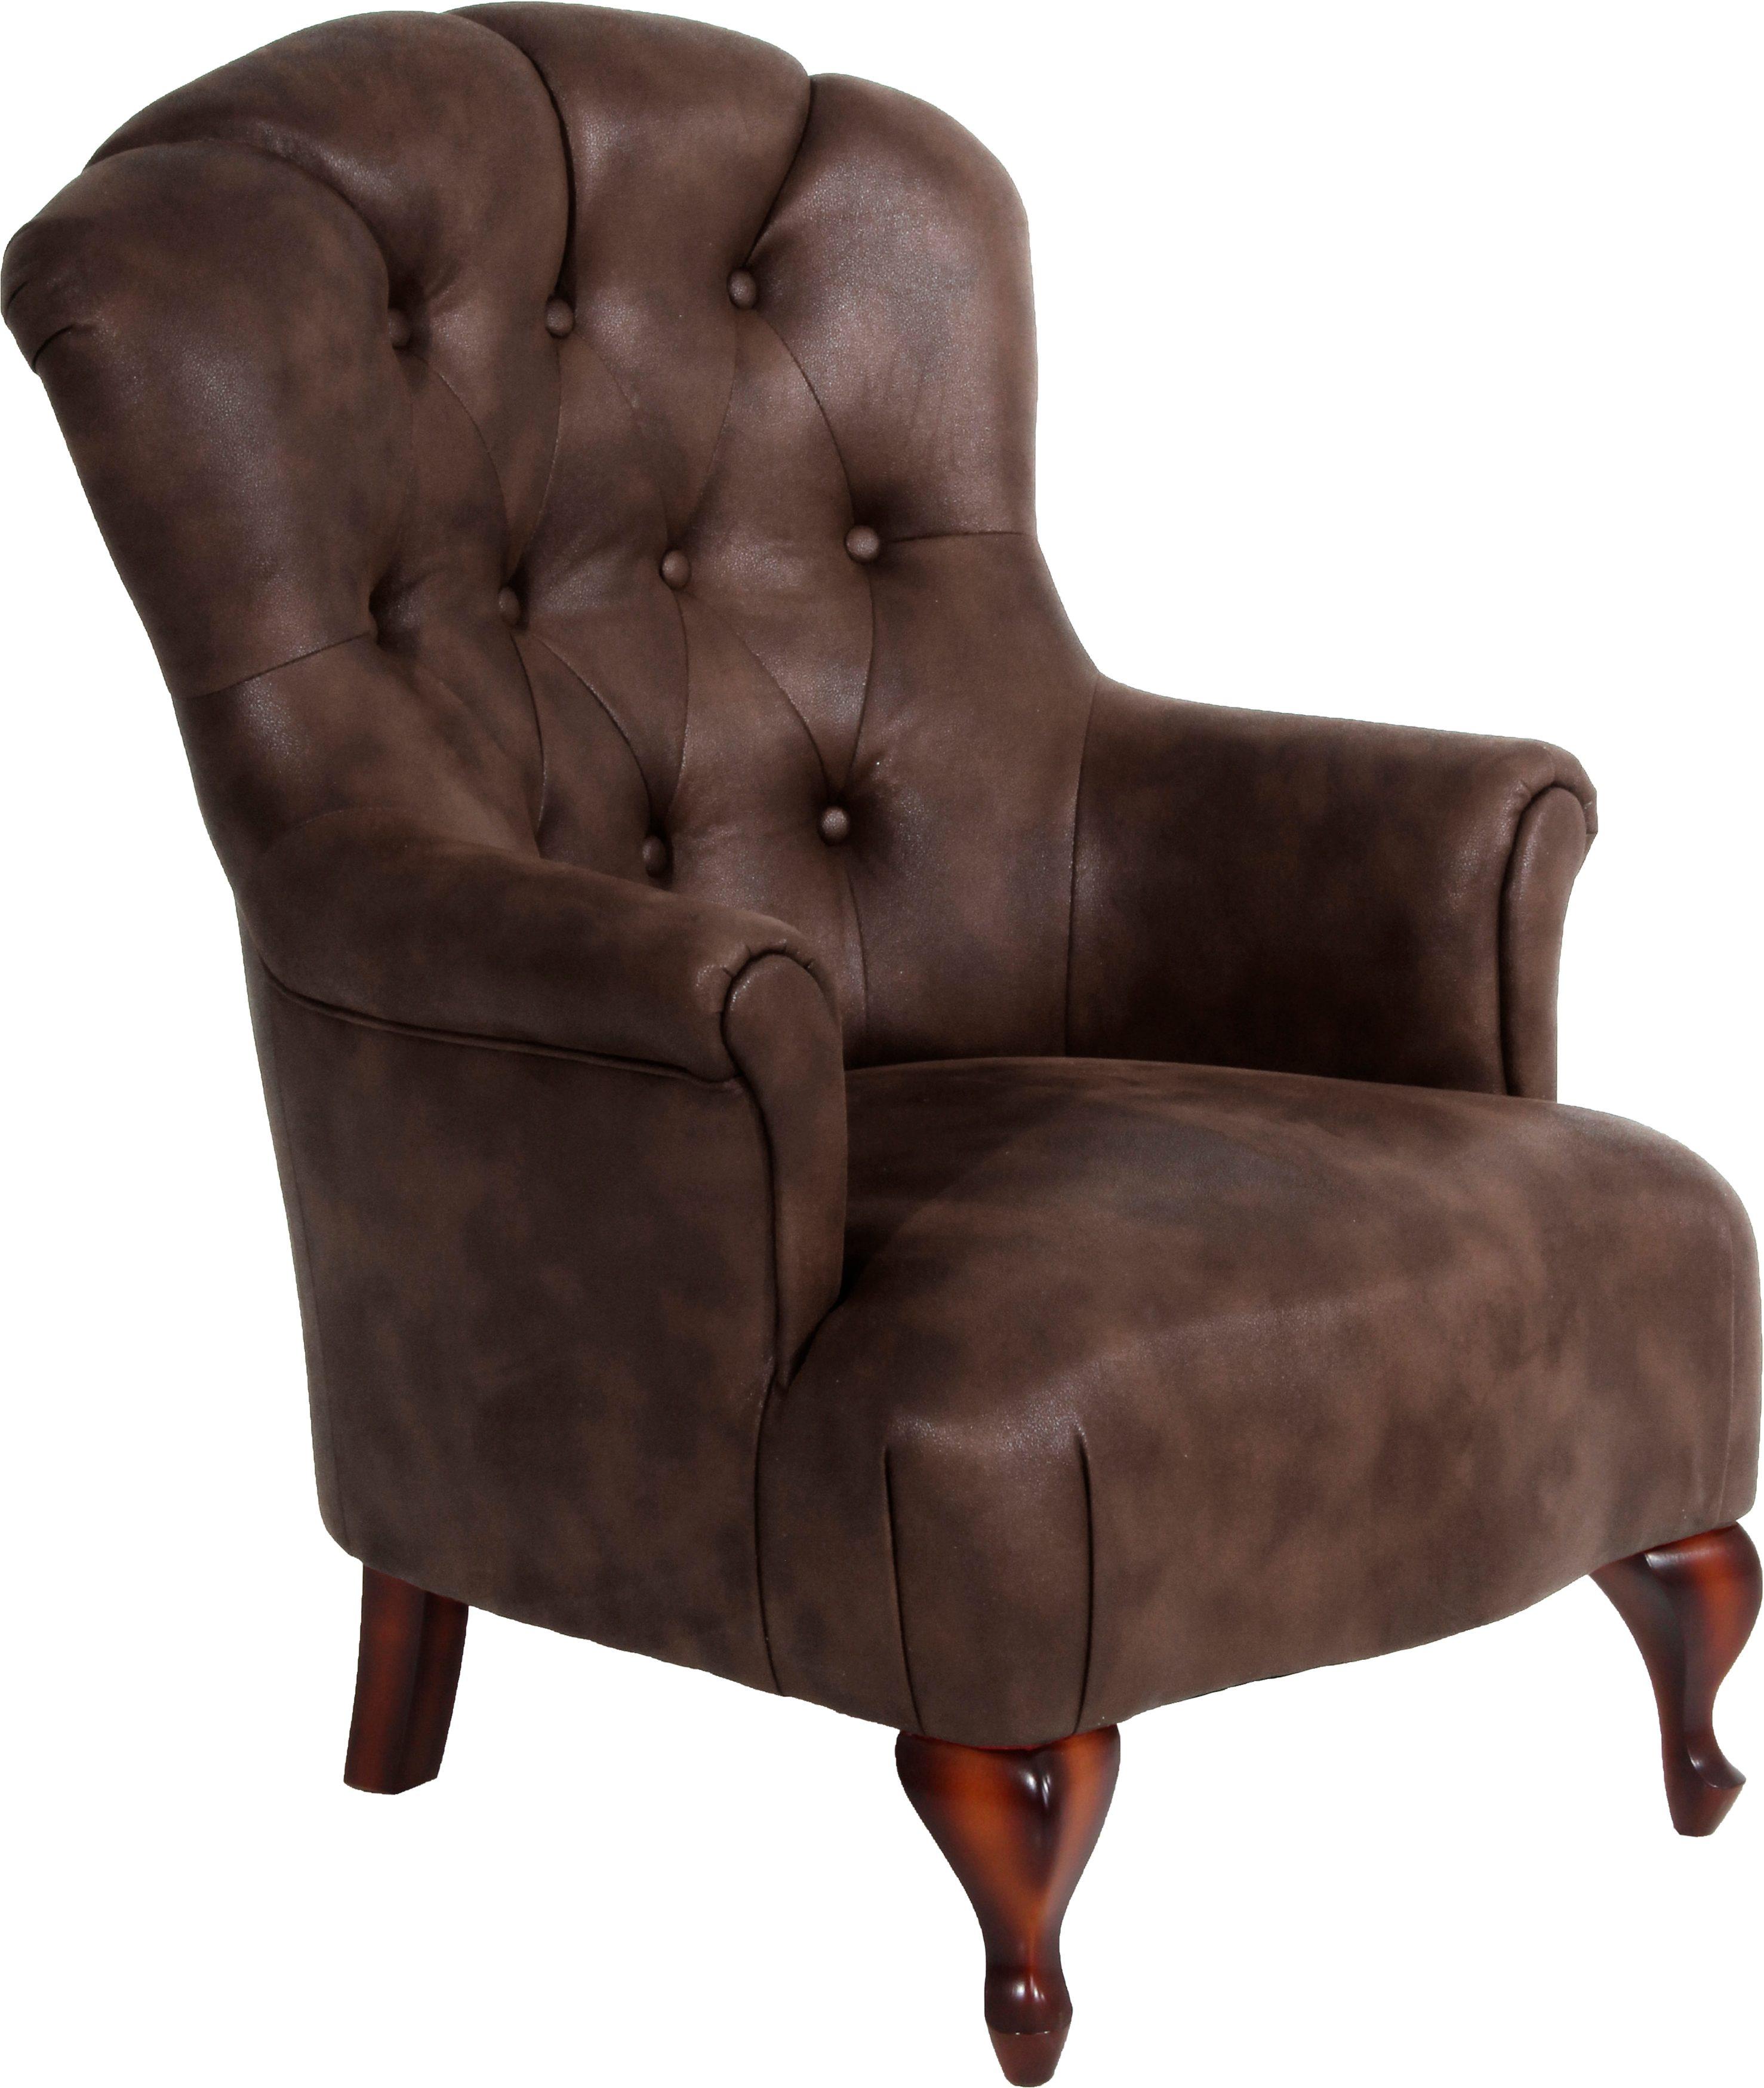 40 Leinen Chesterfield Sessel Online Kaufen Möbel Suchmaschine